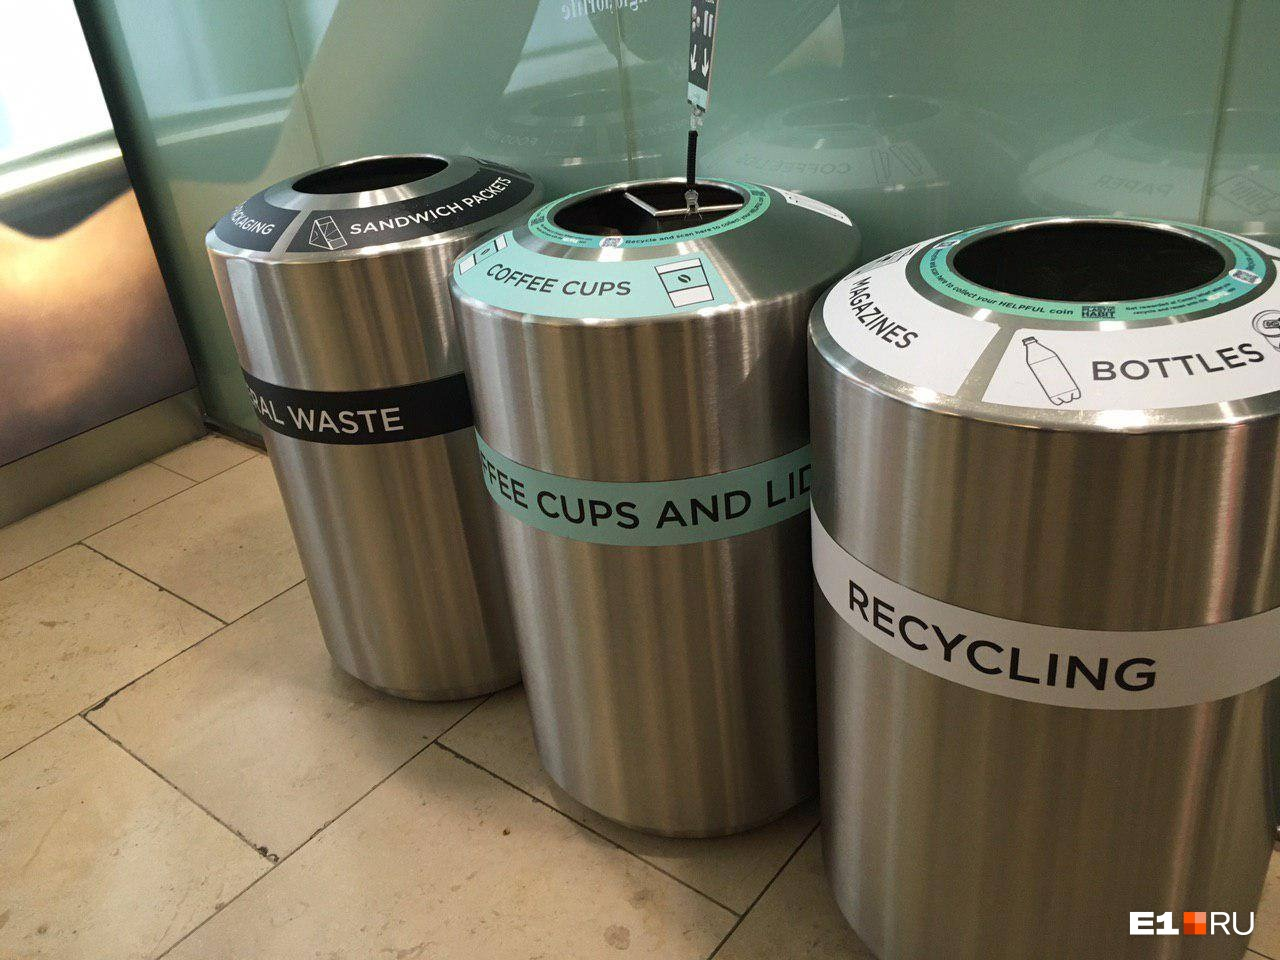 Так выглядят уличные контейнеры для раздельного сбора мусора в районе Canary Wharf в Лондоне.